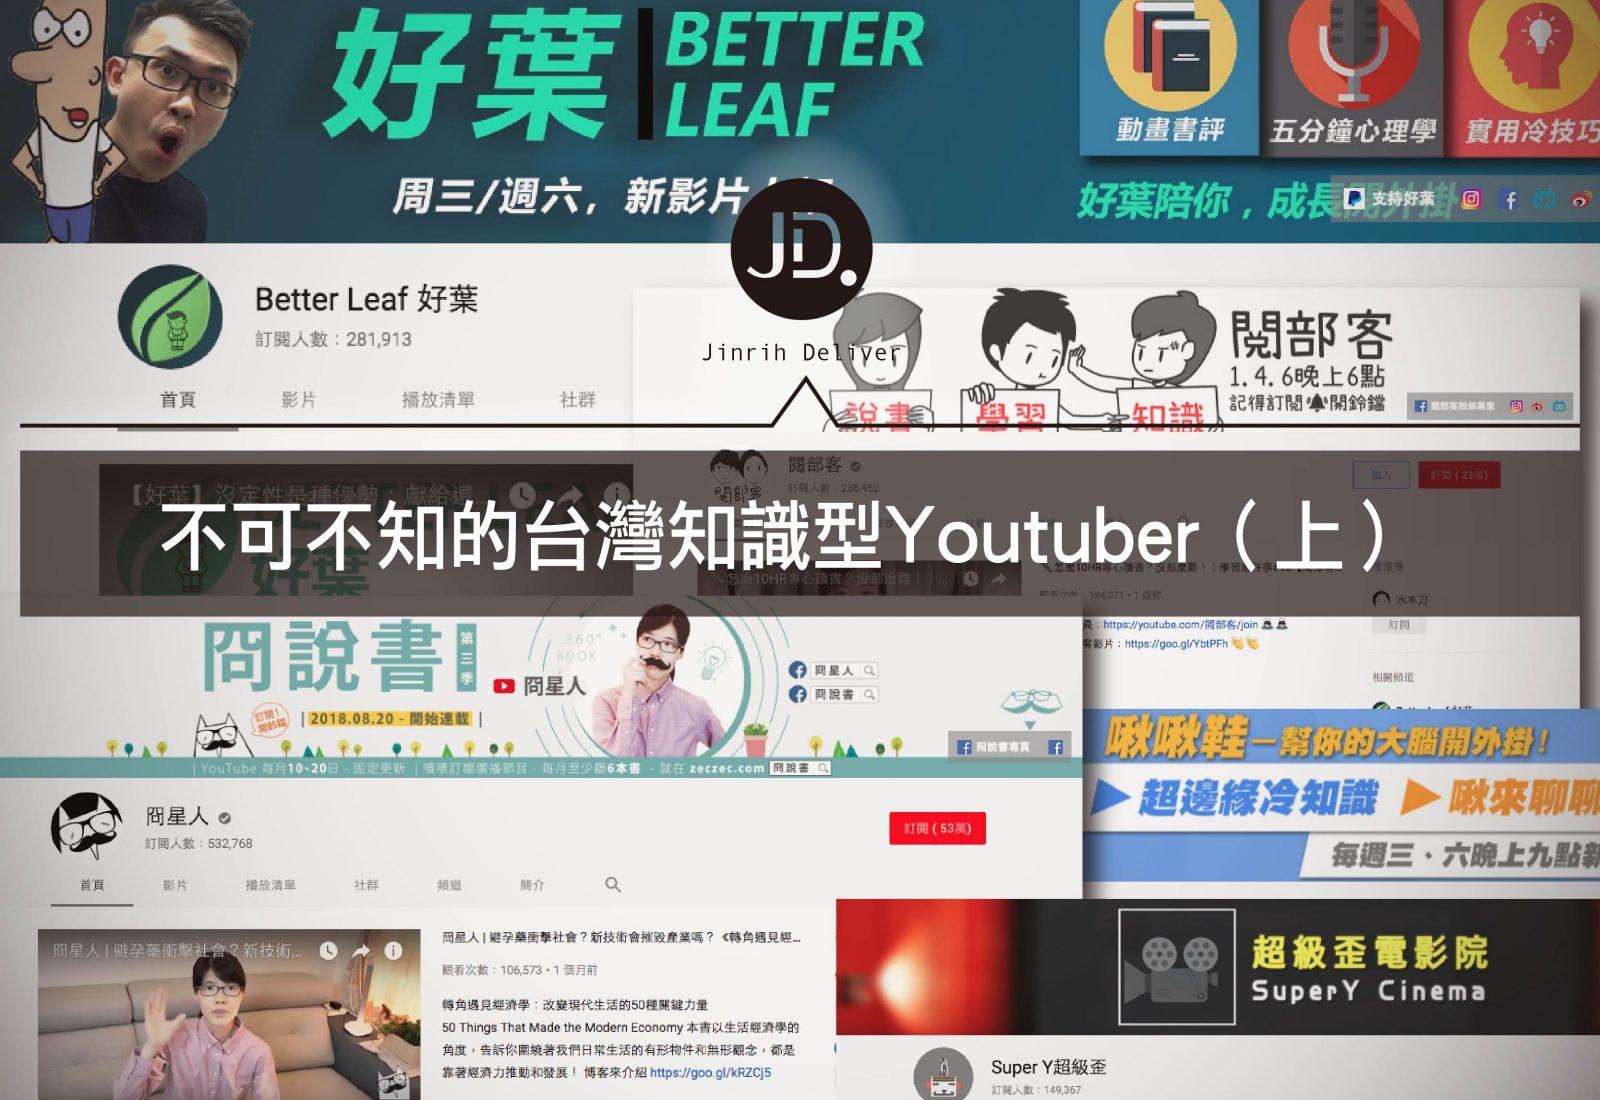 好葉、水丰刀是誰?台灣必追蹤的知識型youtuber(上)